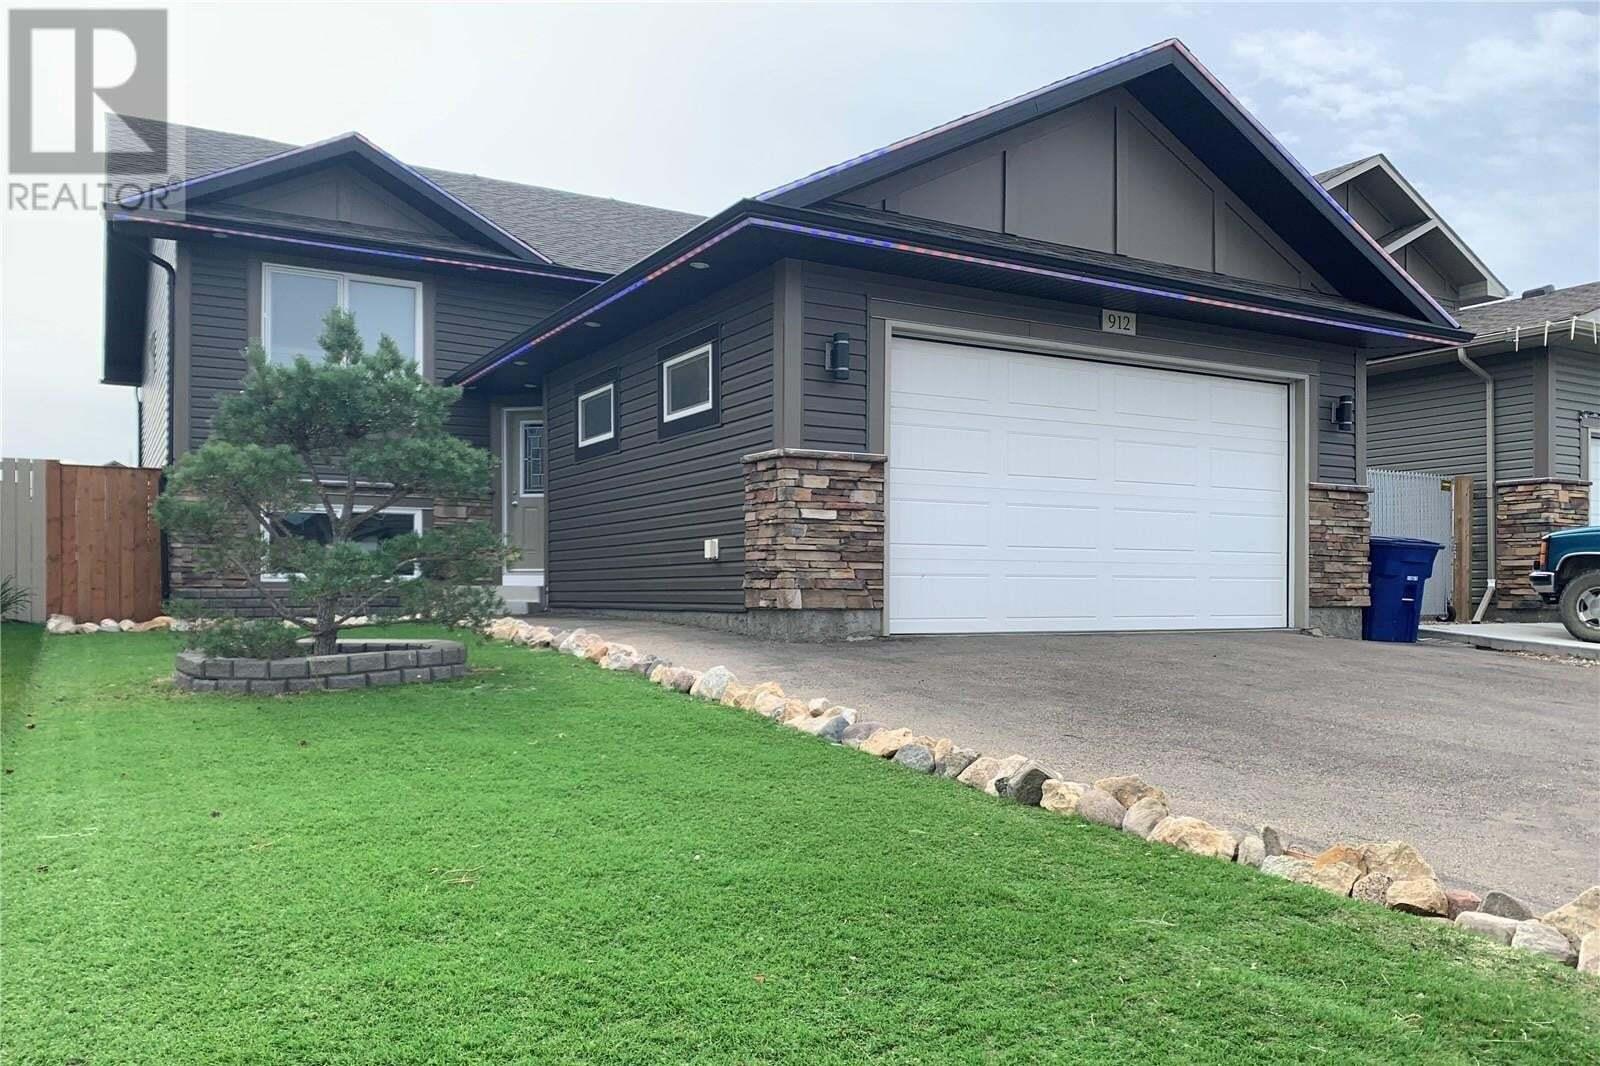 House for sale at 912 Reimer Rd Martensville Saskatchewan - MLS: SK826219